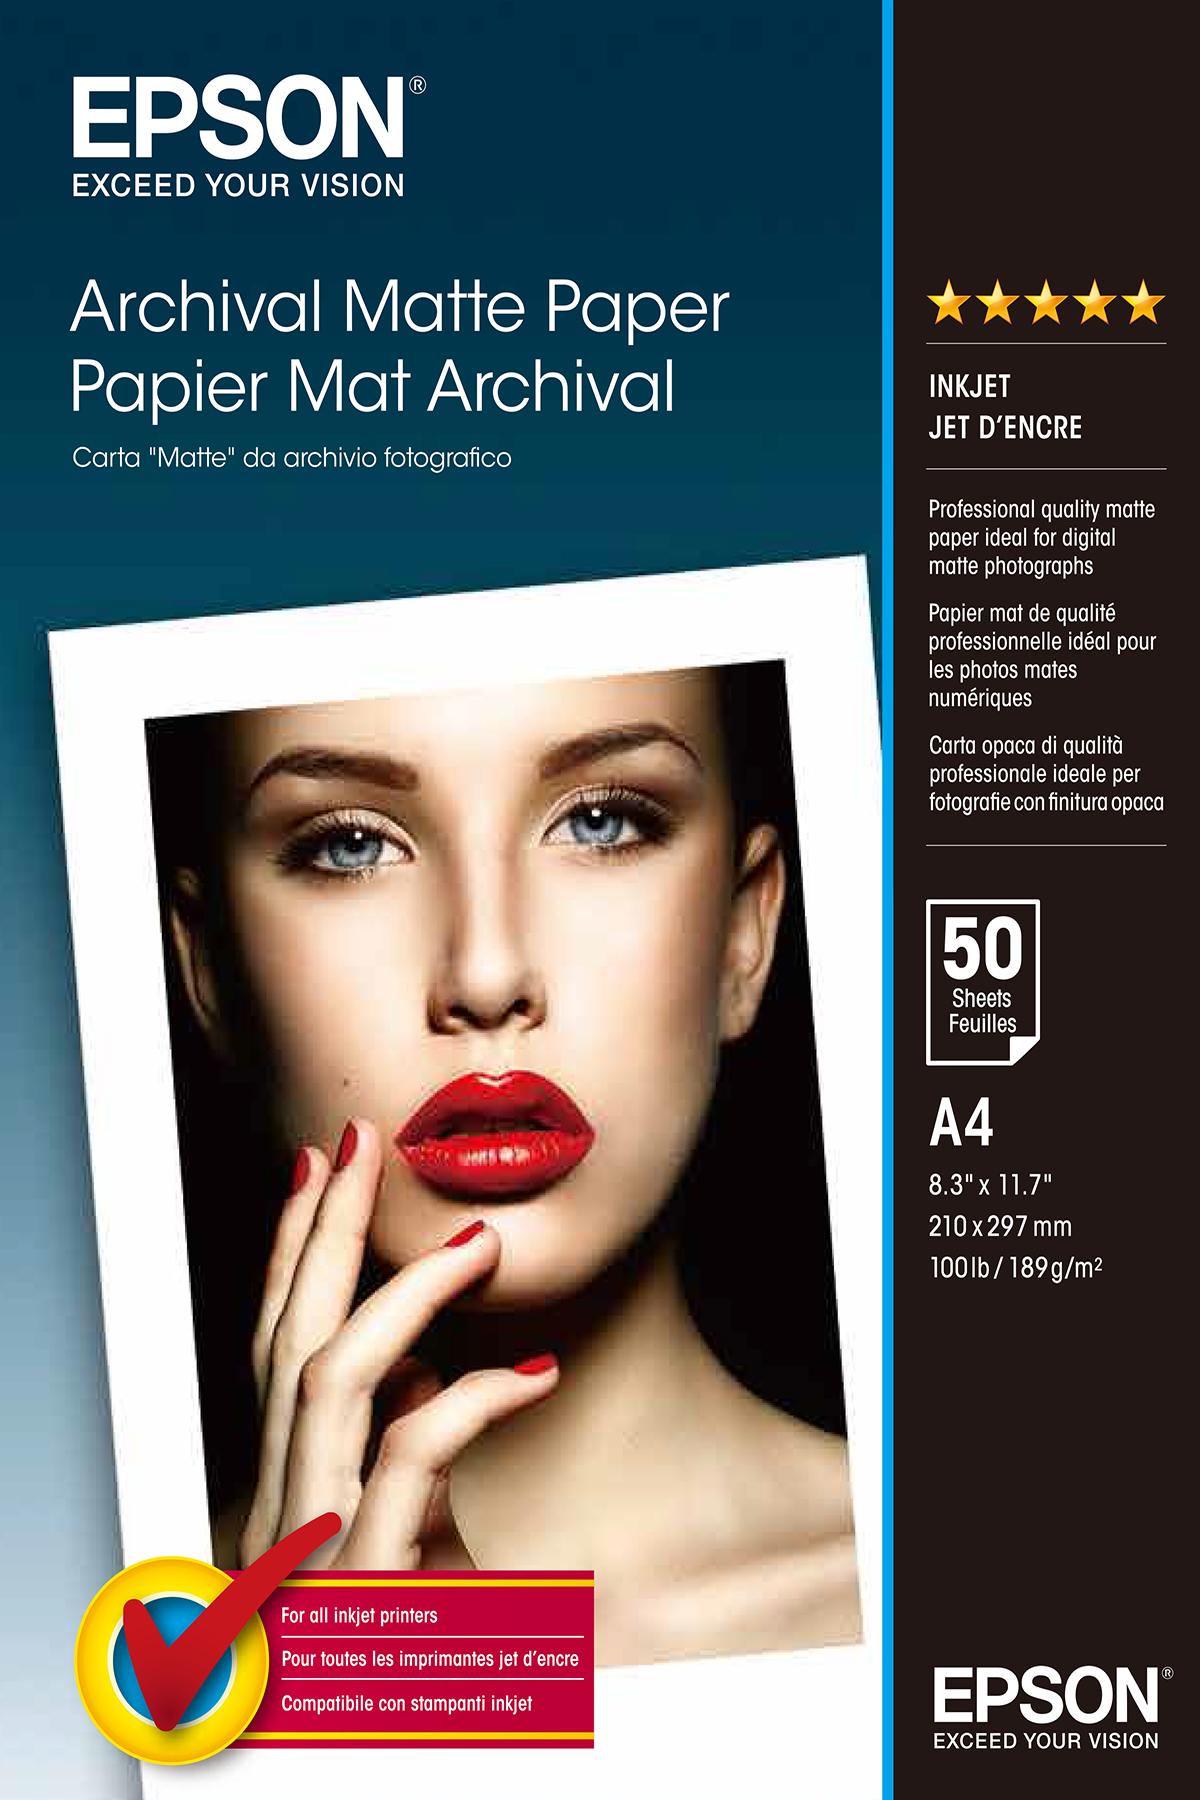 Epson Archival Matte Paper - A4 - 50 Sheets